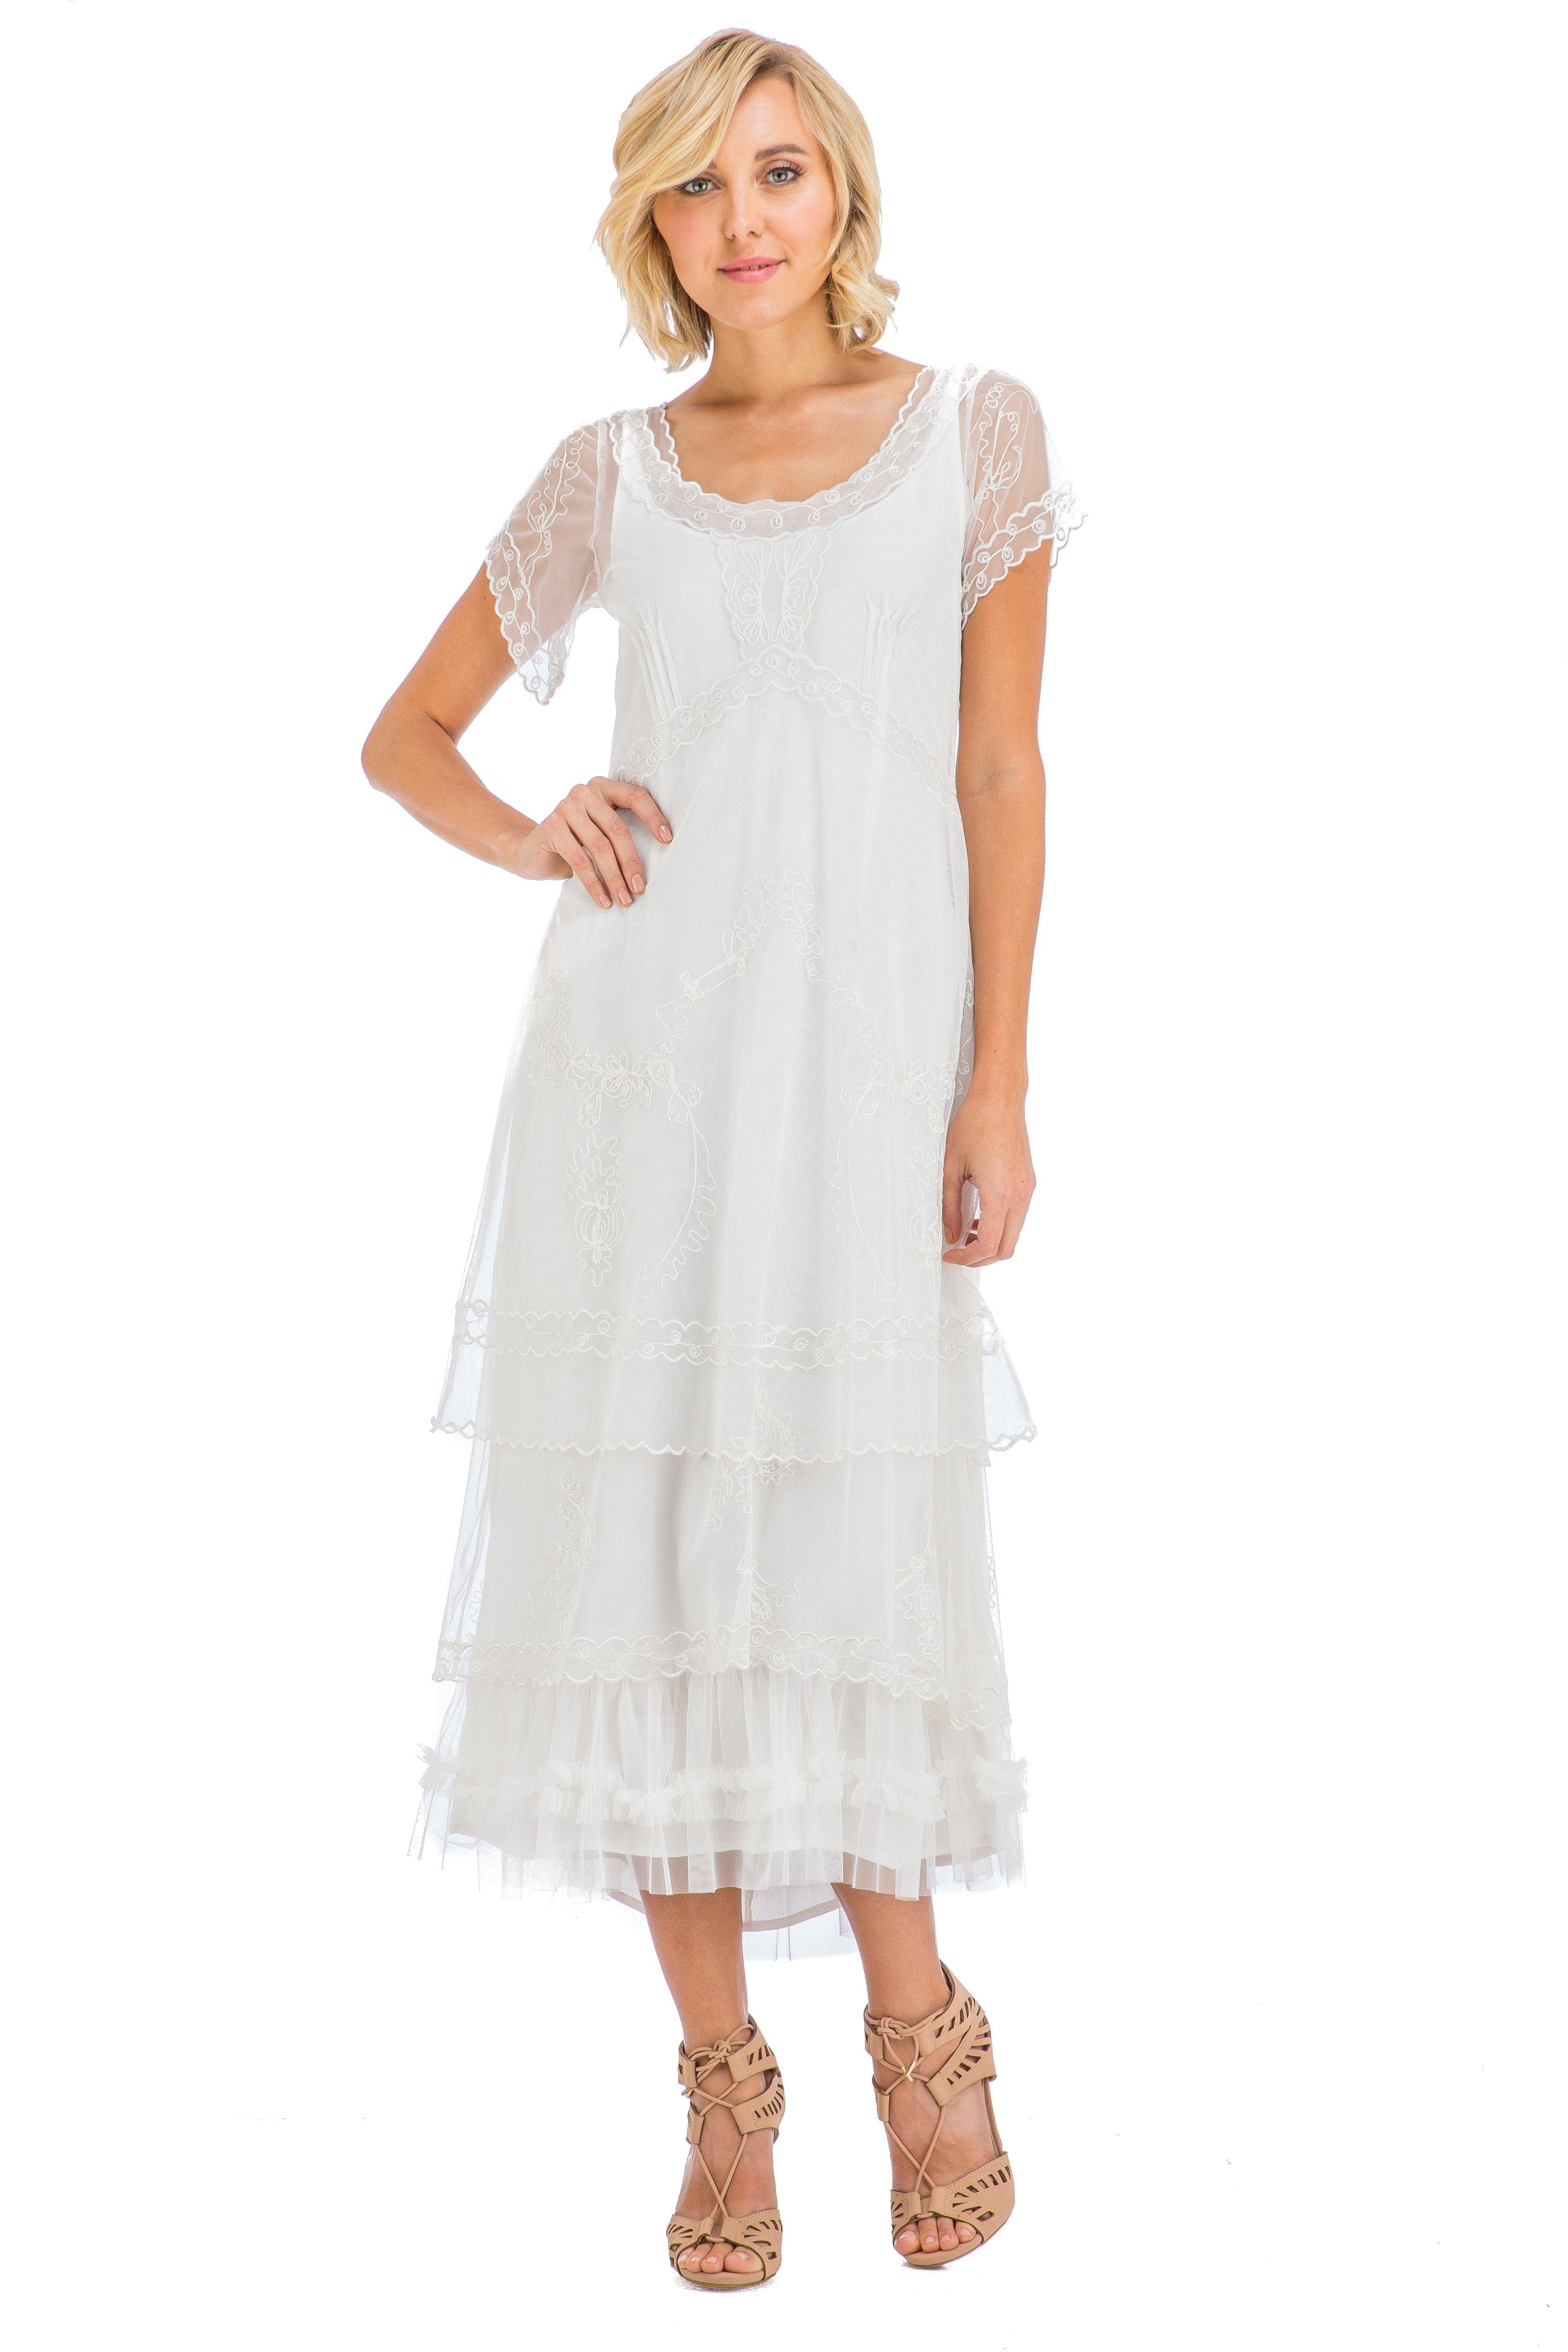 Vintage inspired wedding dress vintage inspired wedding dresses